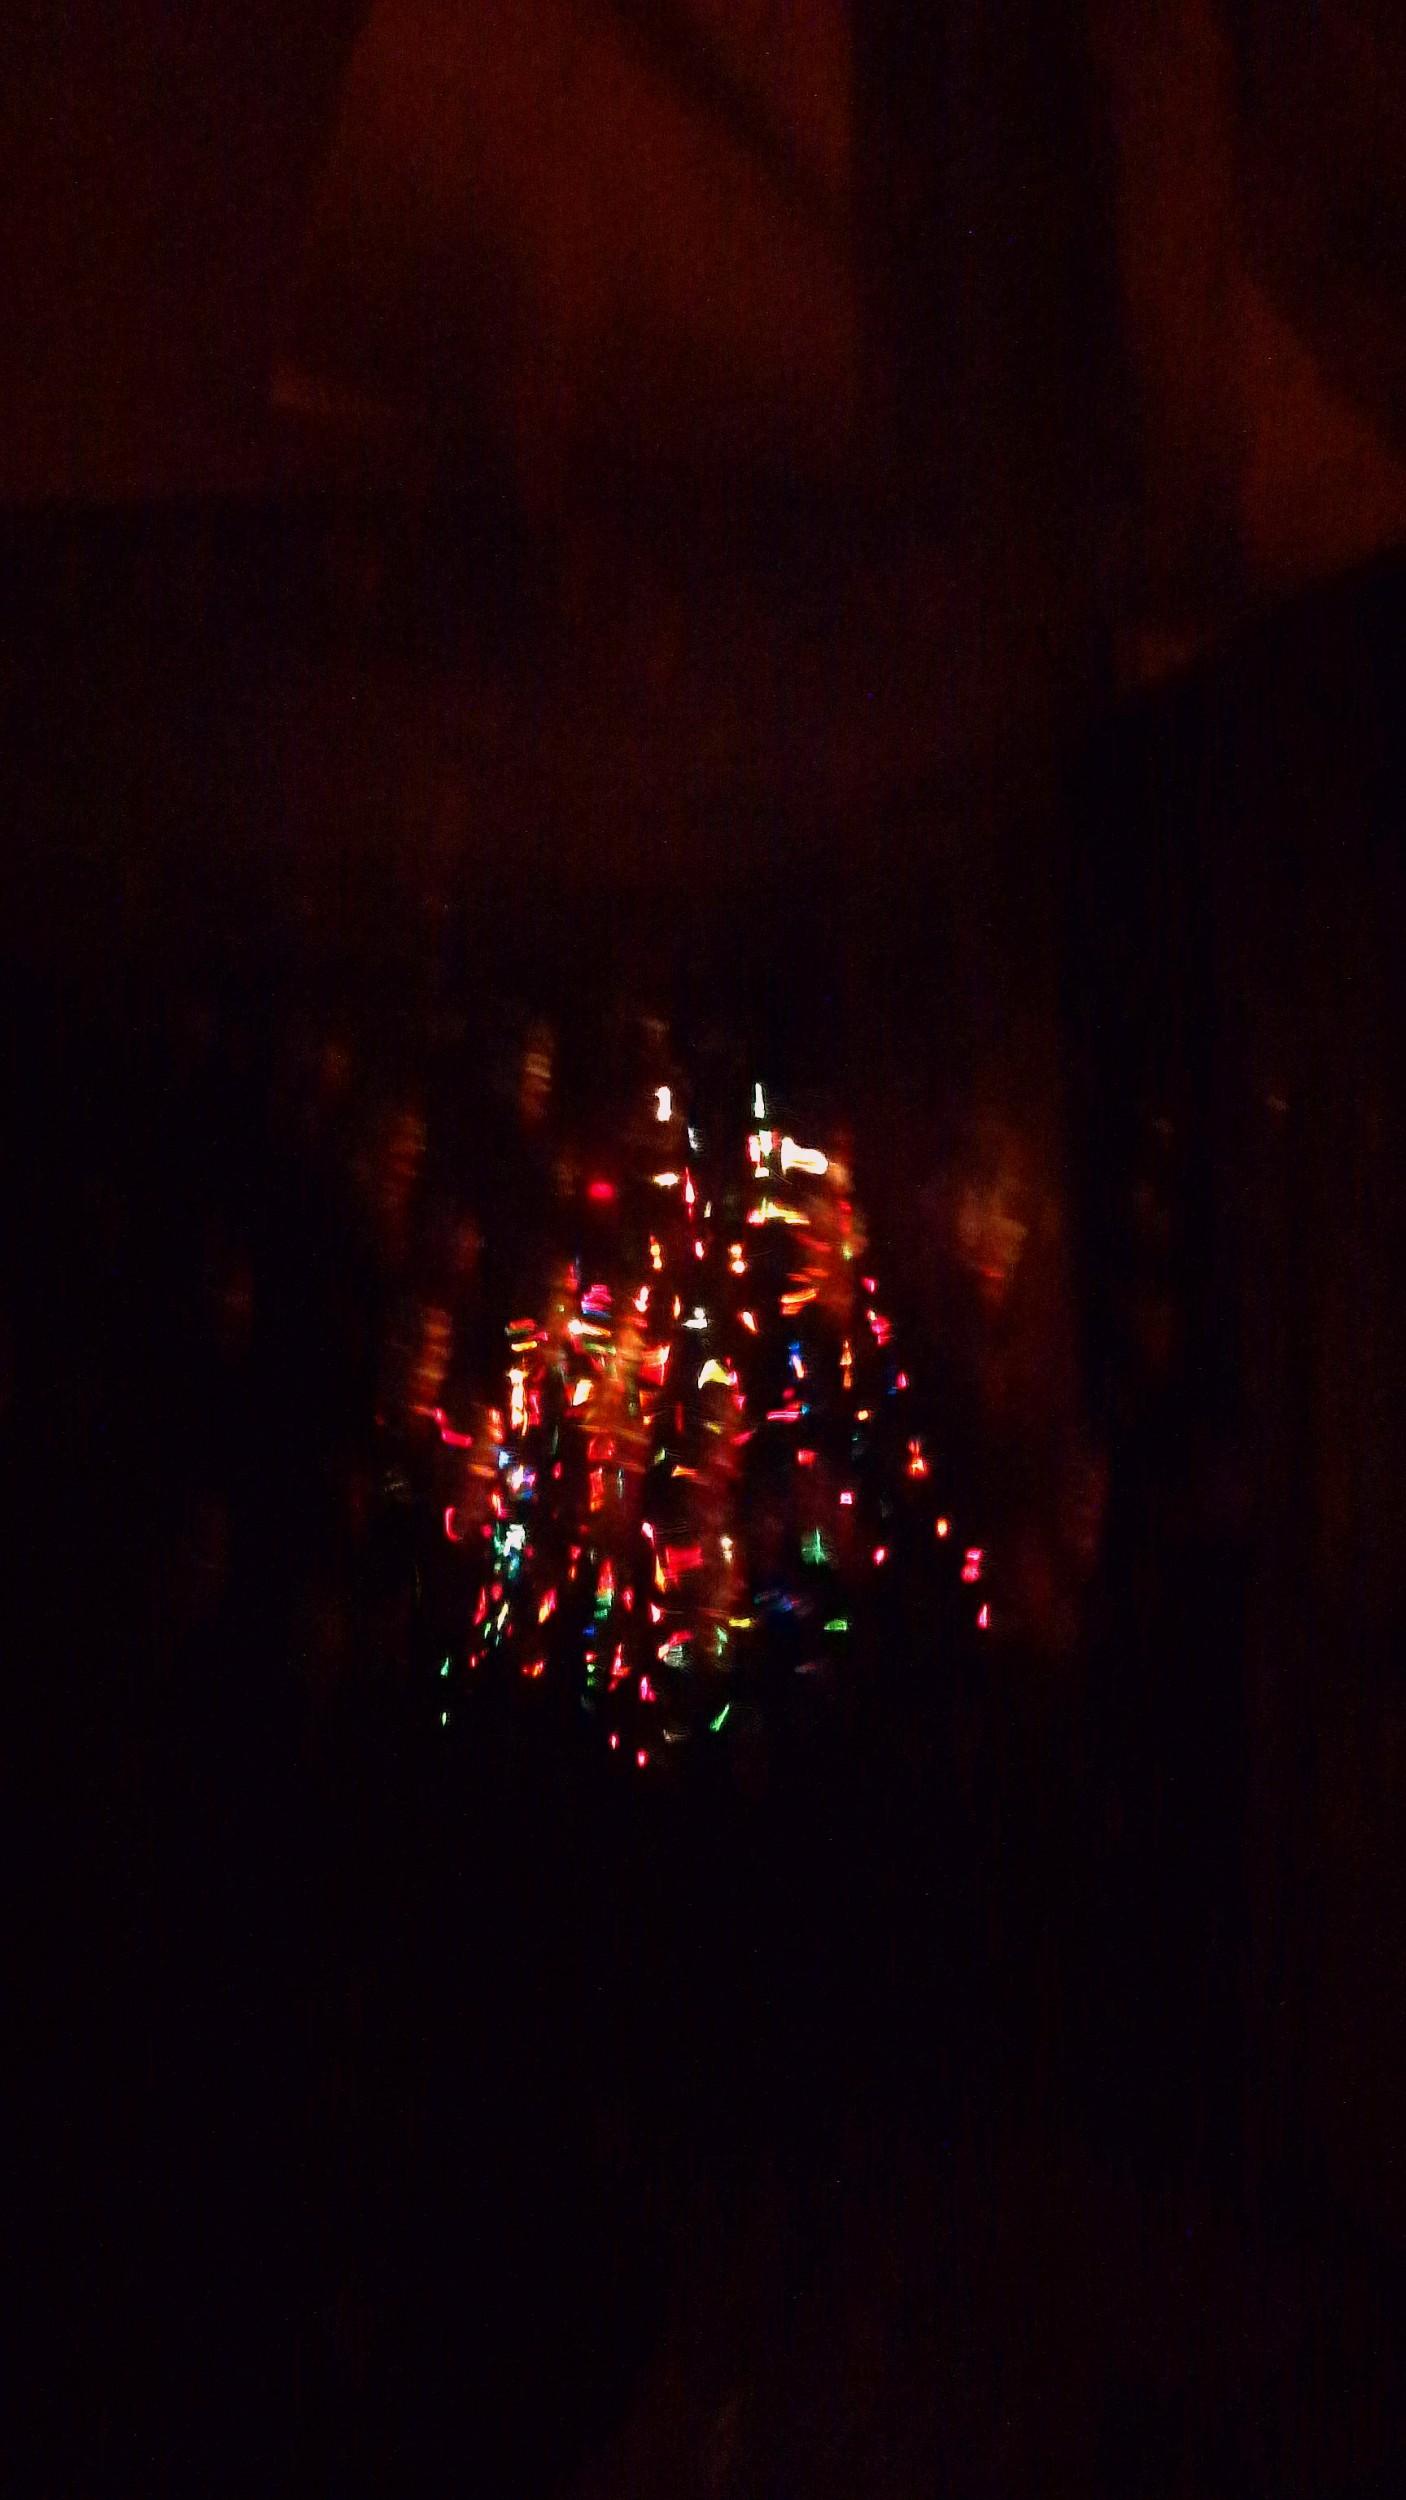 Des couleurs dans la nuit catherine burg artwork celeste network - Couleur chambre de nuit ...